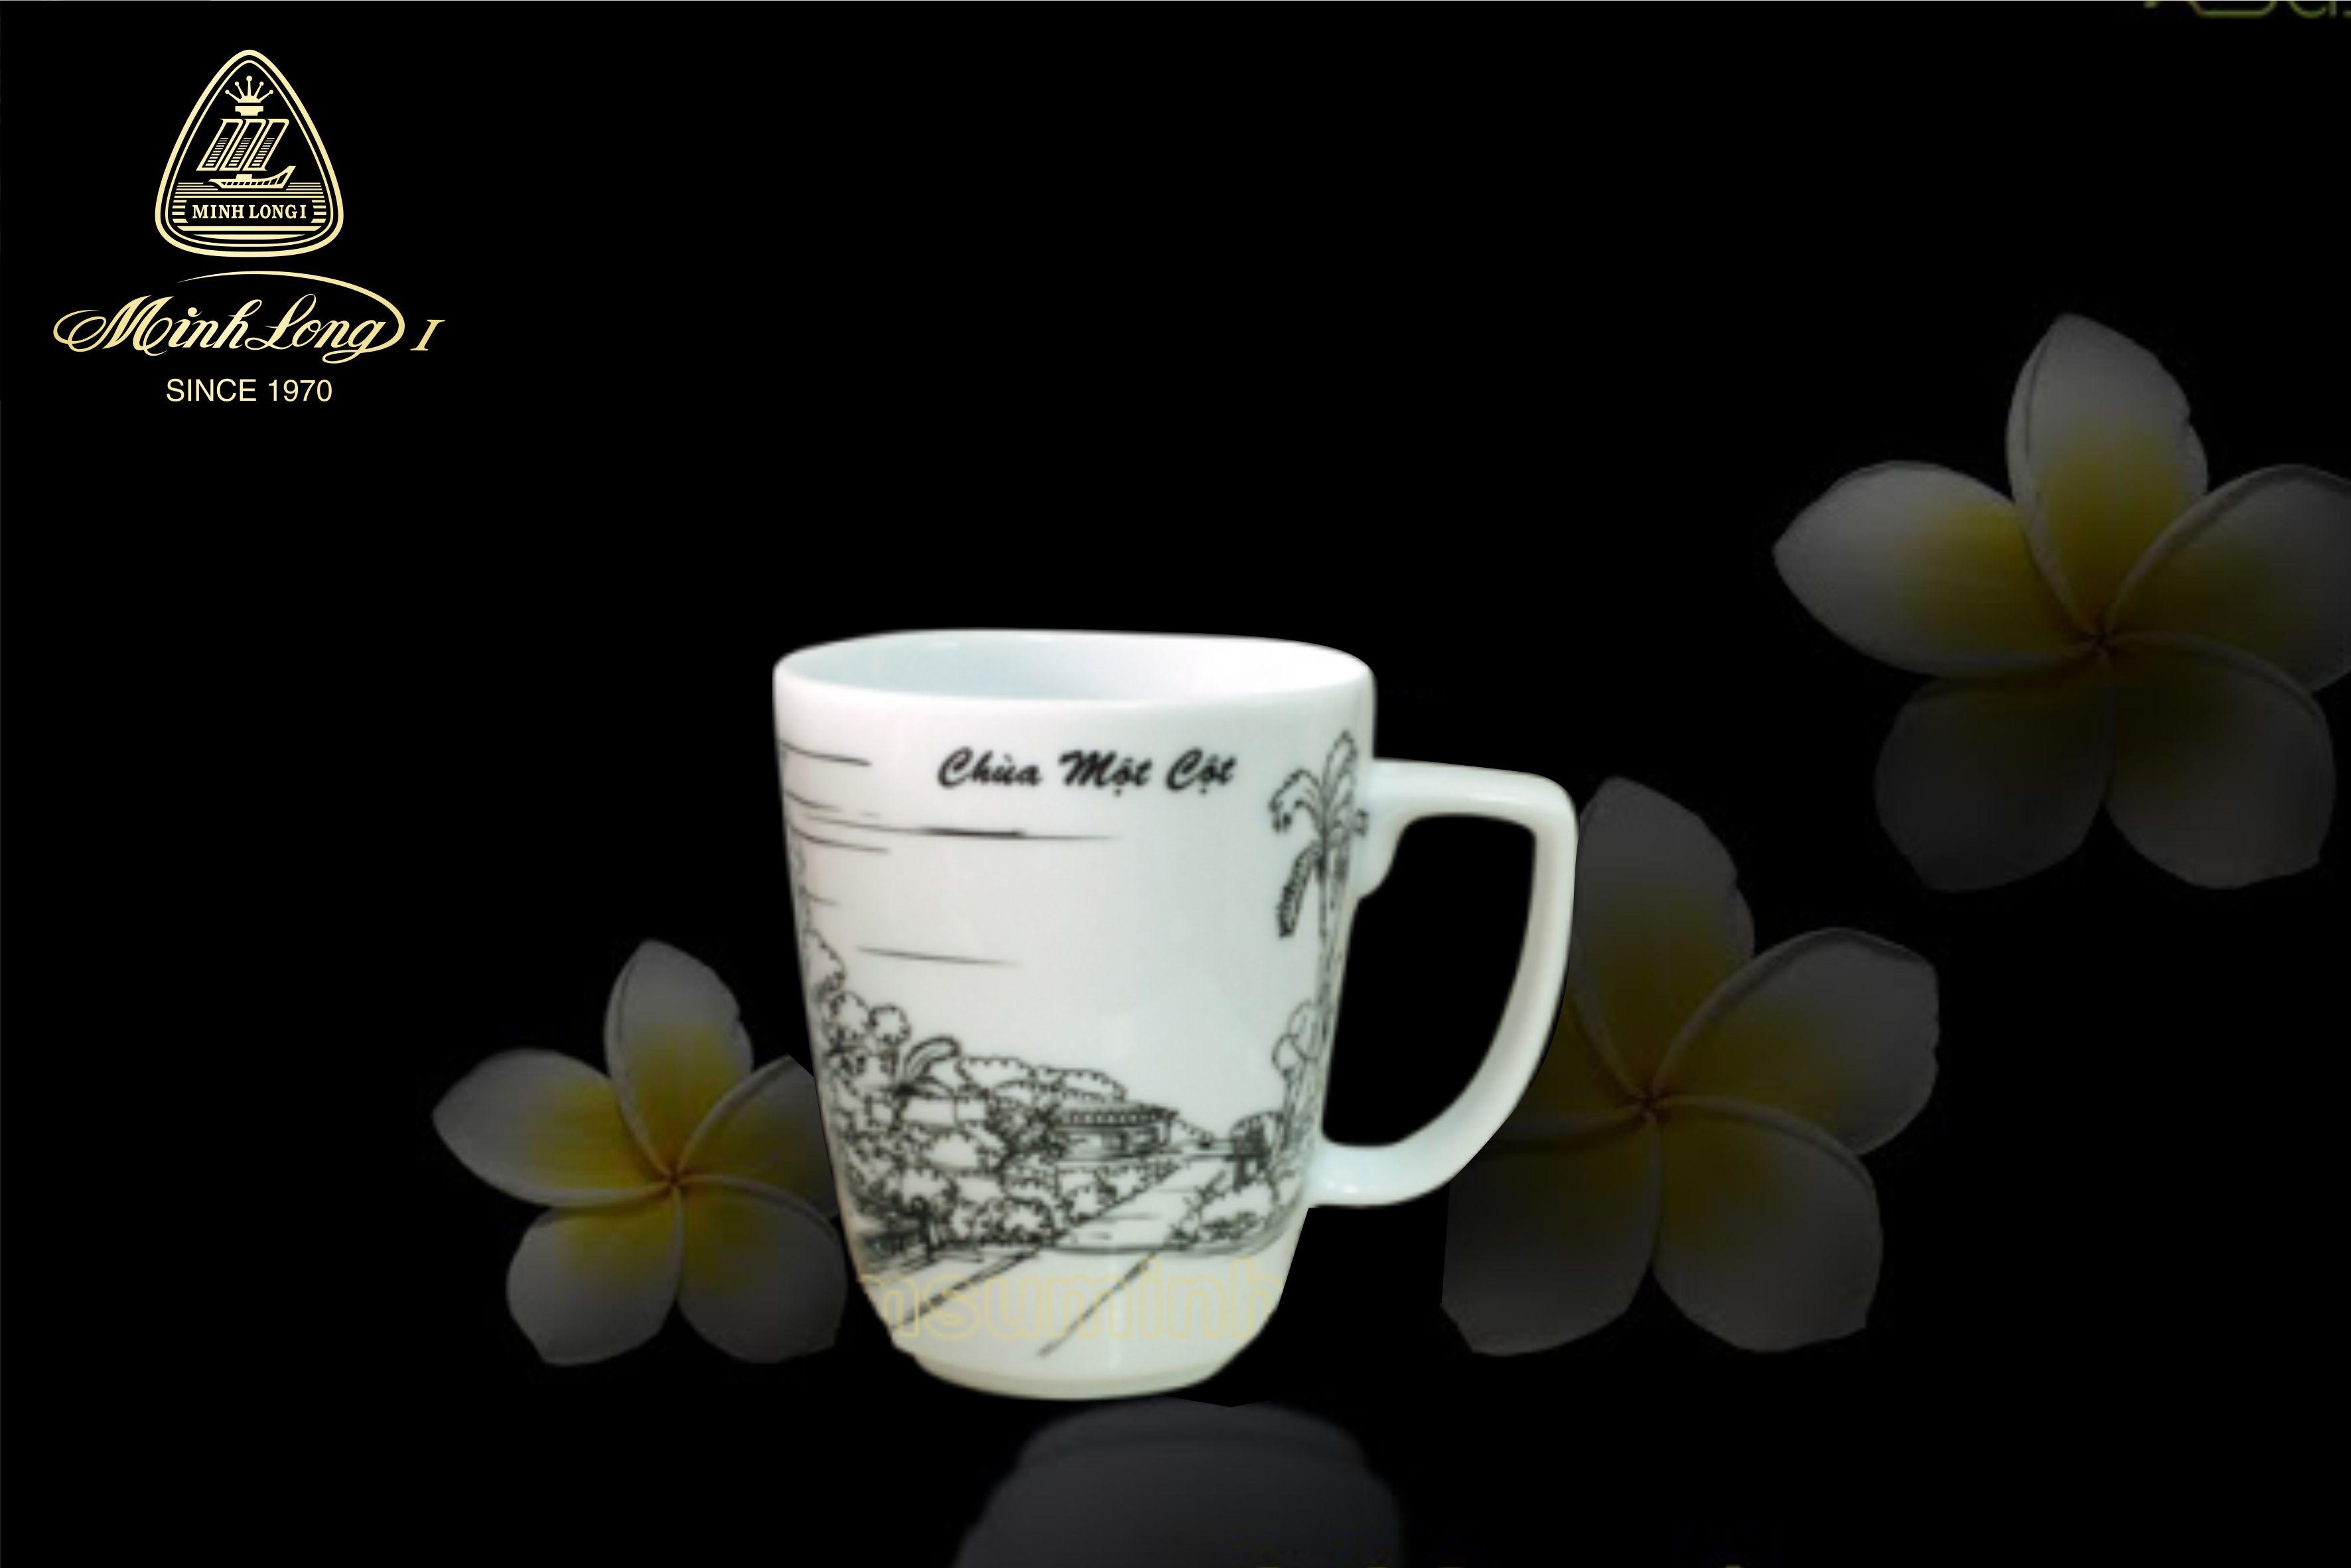 Ca trà 0.36L Vuông T Chùa Một Cột 153635097 Minh Long